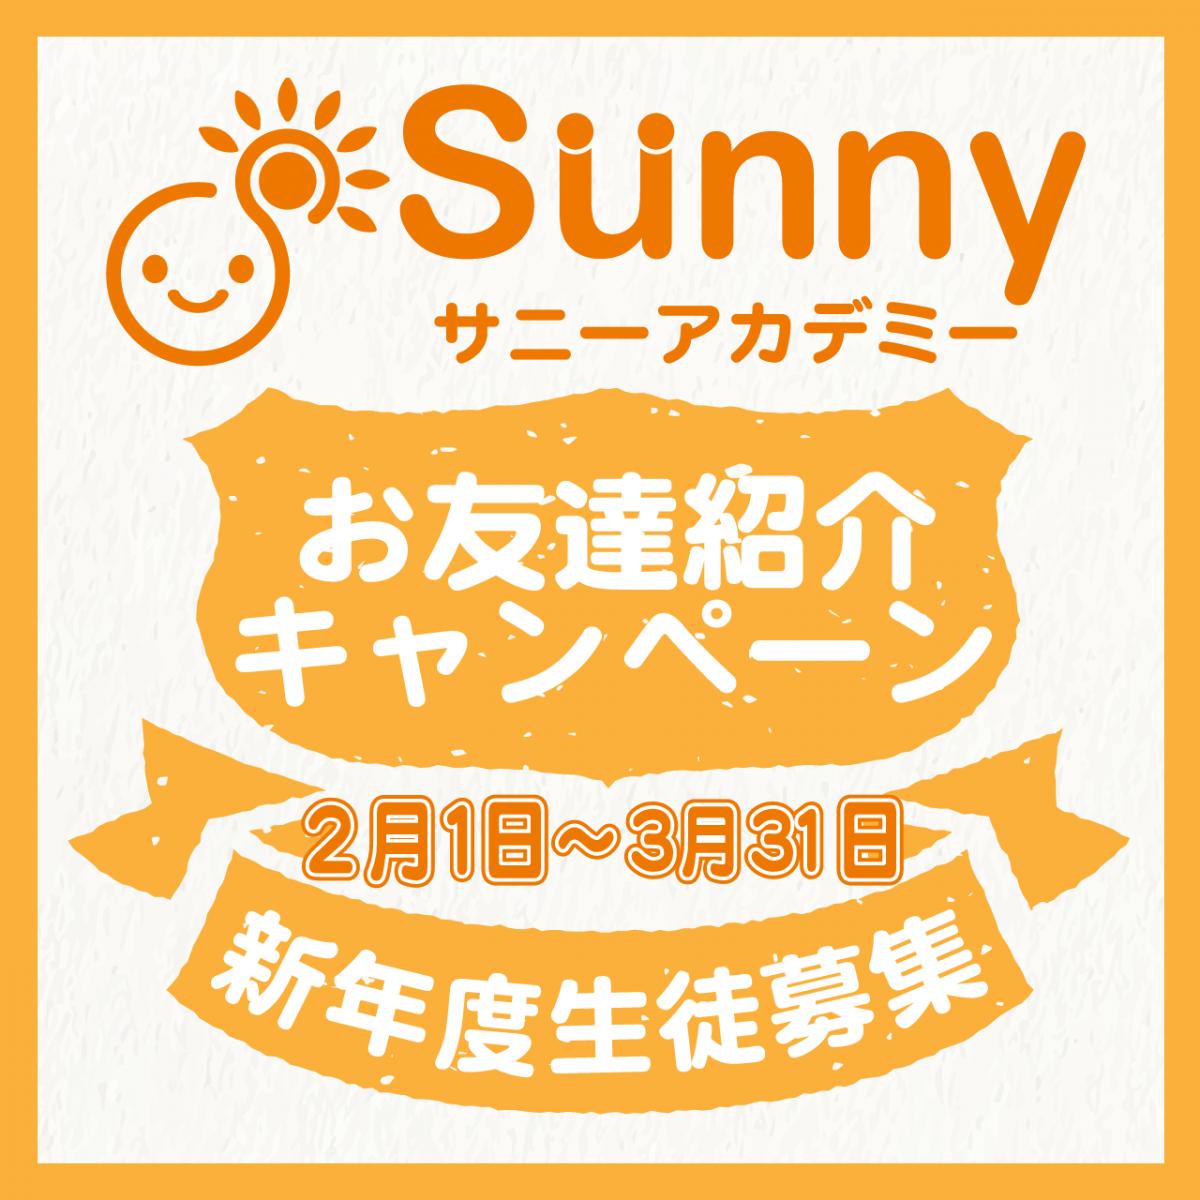 新年度の新入生徒ご紹介キャンペーン(2月1日~29日)